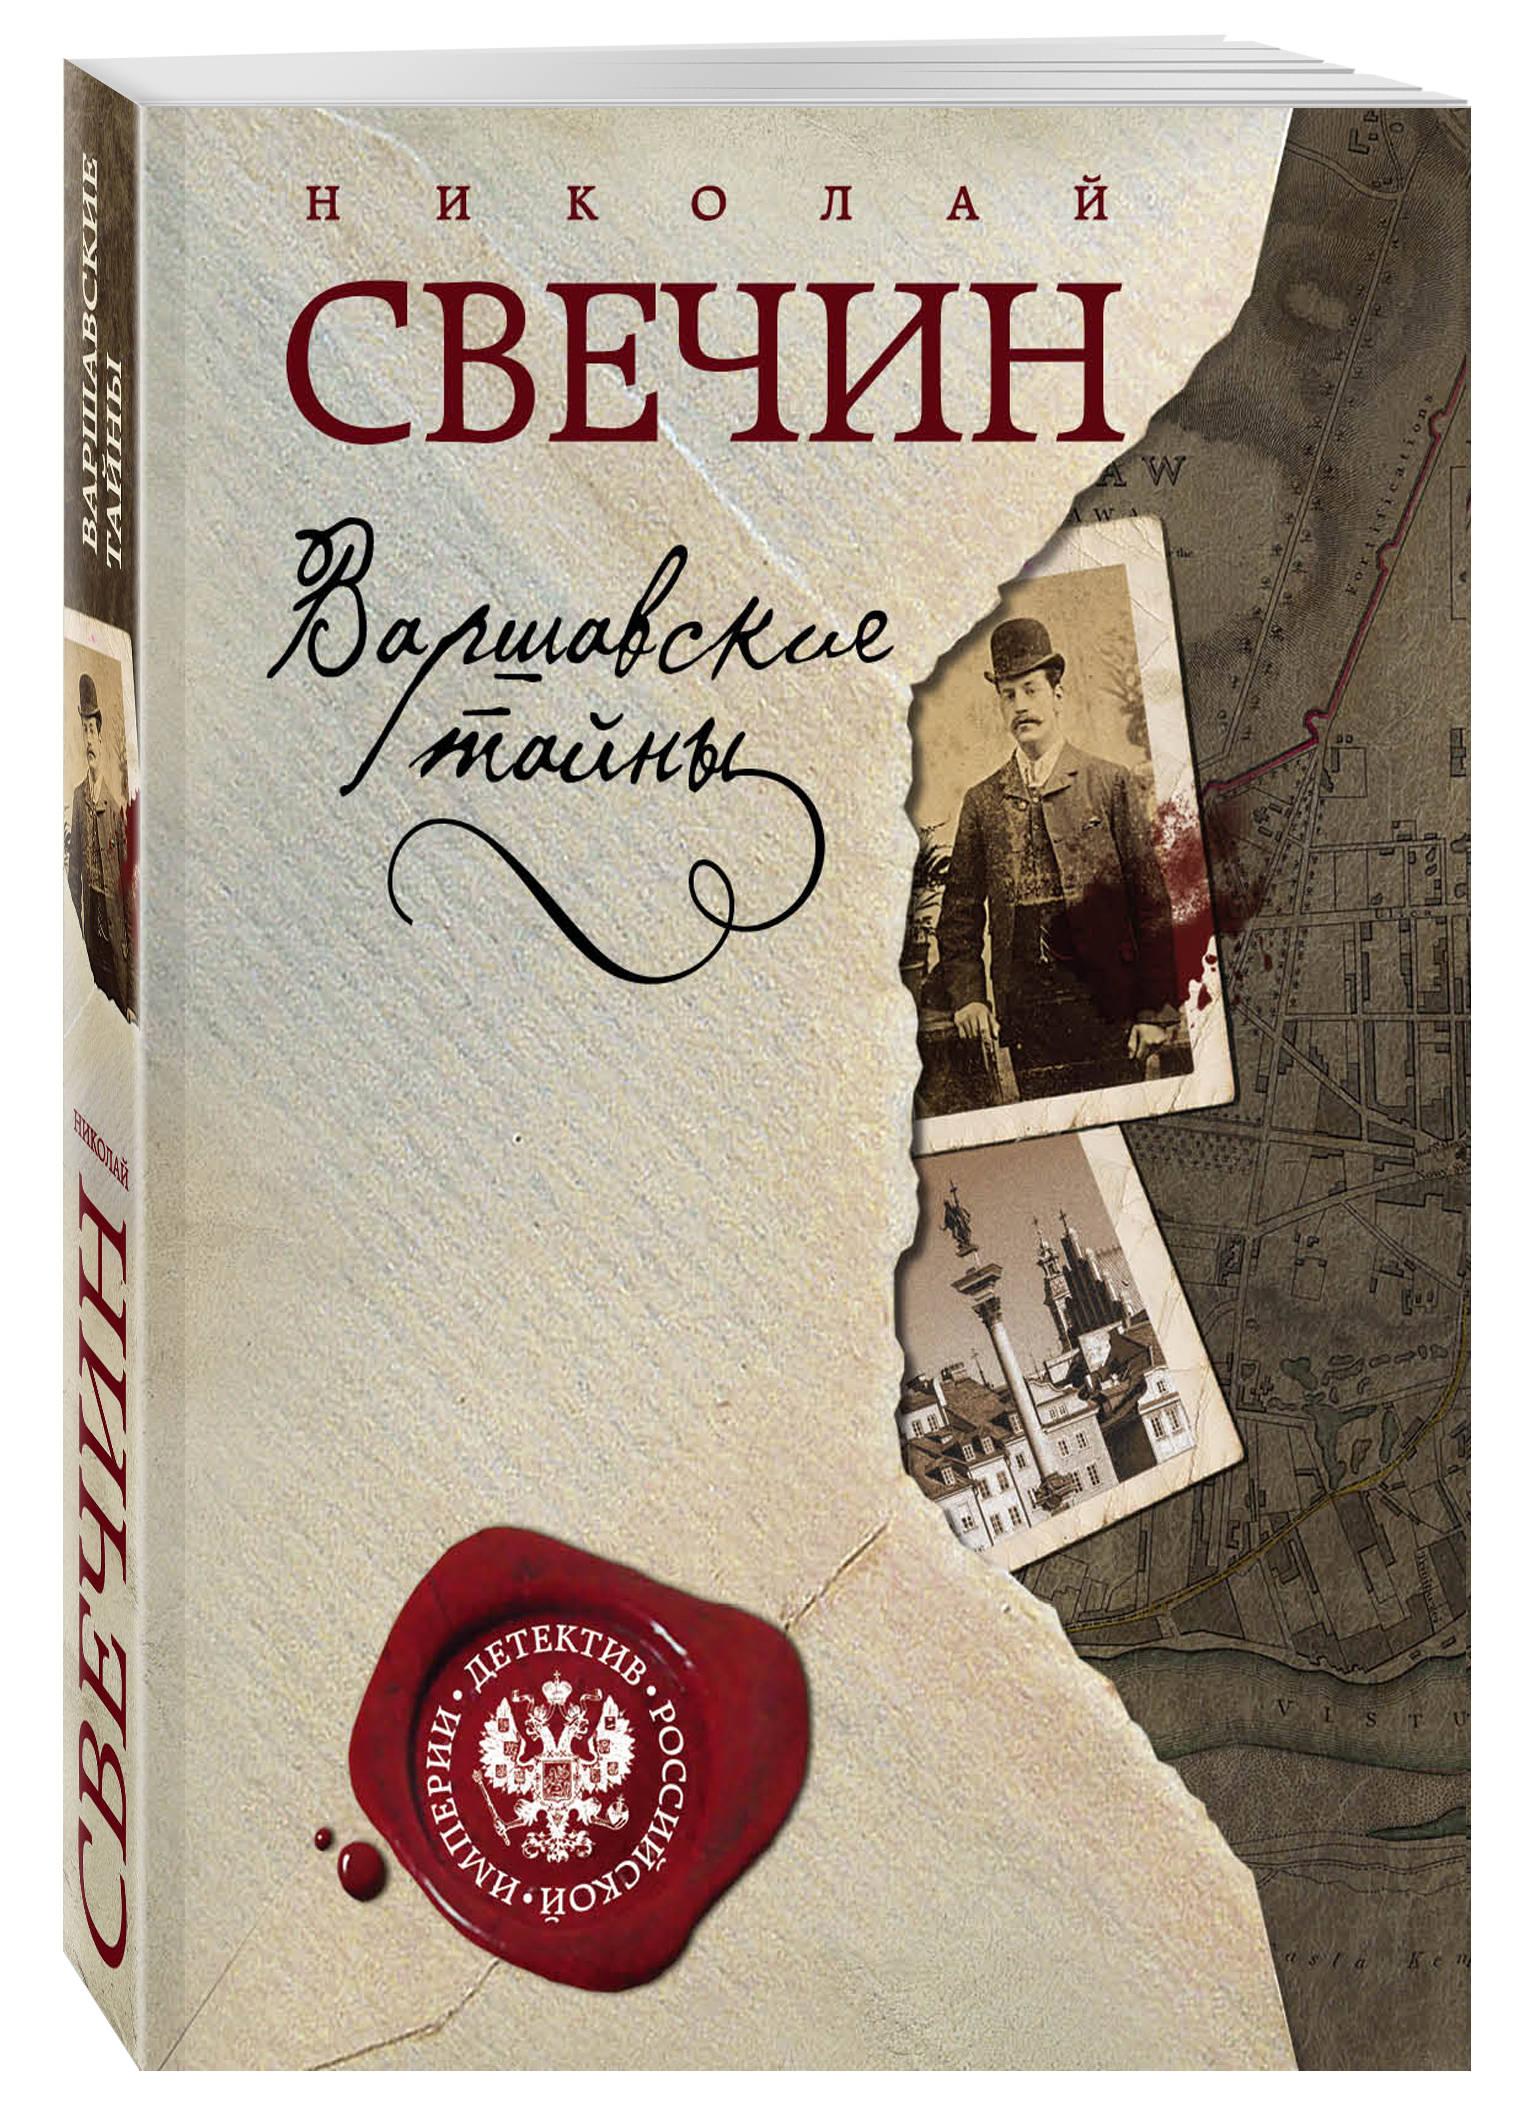 Николай Свечин Варшавские тайны свечин николай варшавские тайны isbn 978 5 699 91199 8